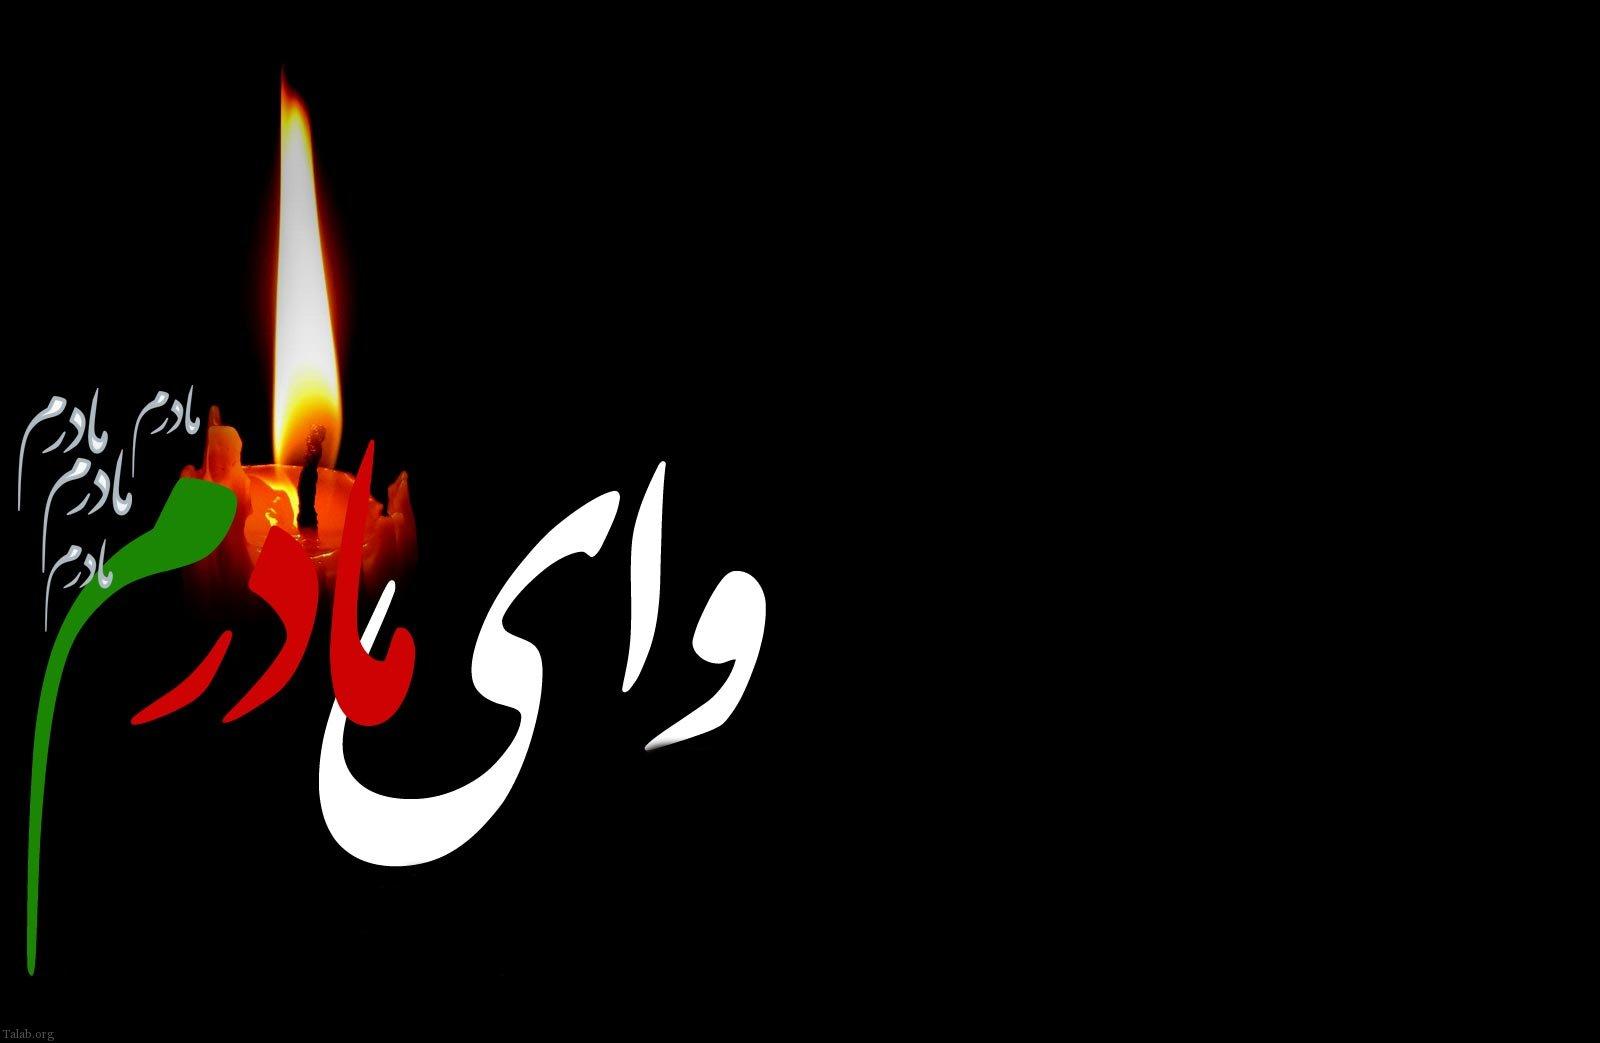 پیام تسلیت درگذشت زنده یاد بانو زهرا یوسفی گیلاکجانی